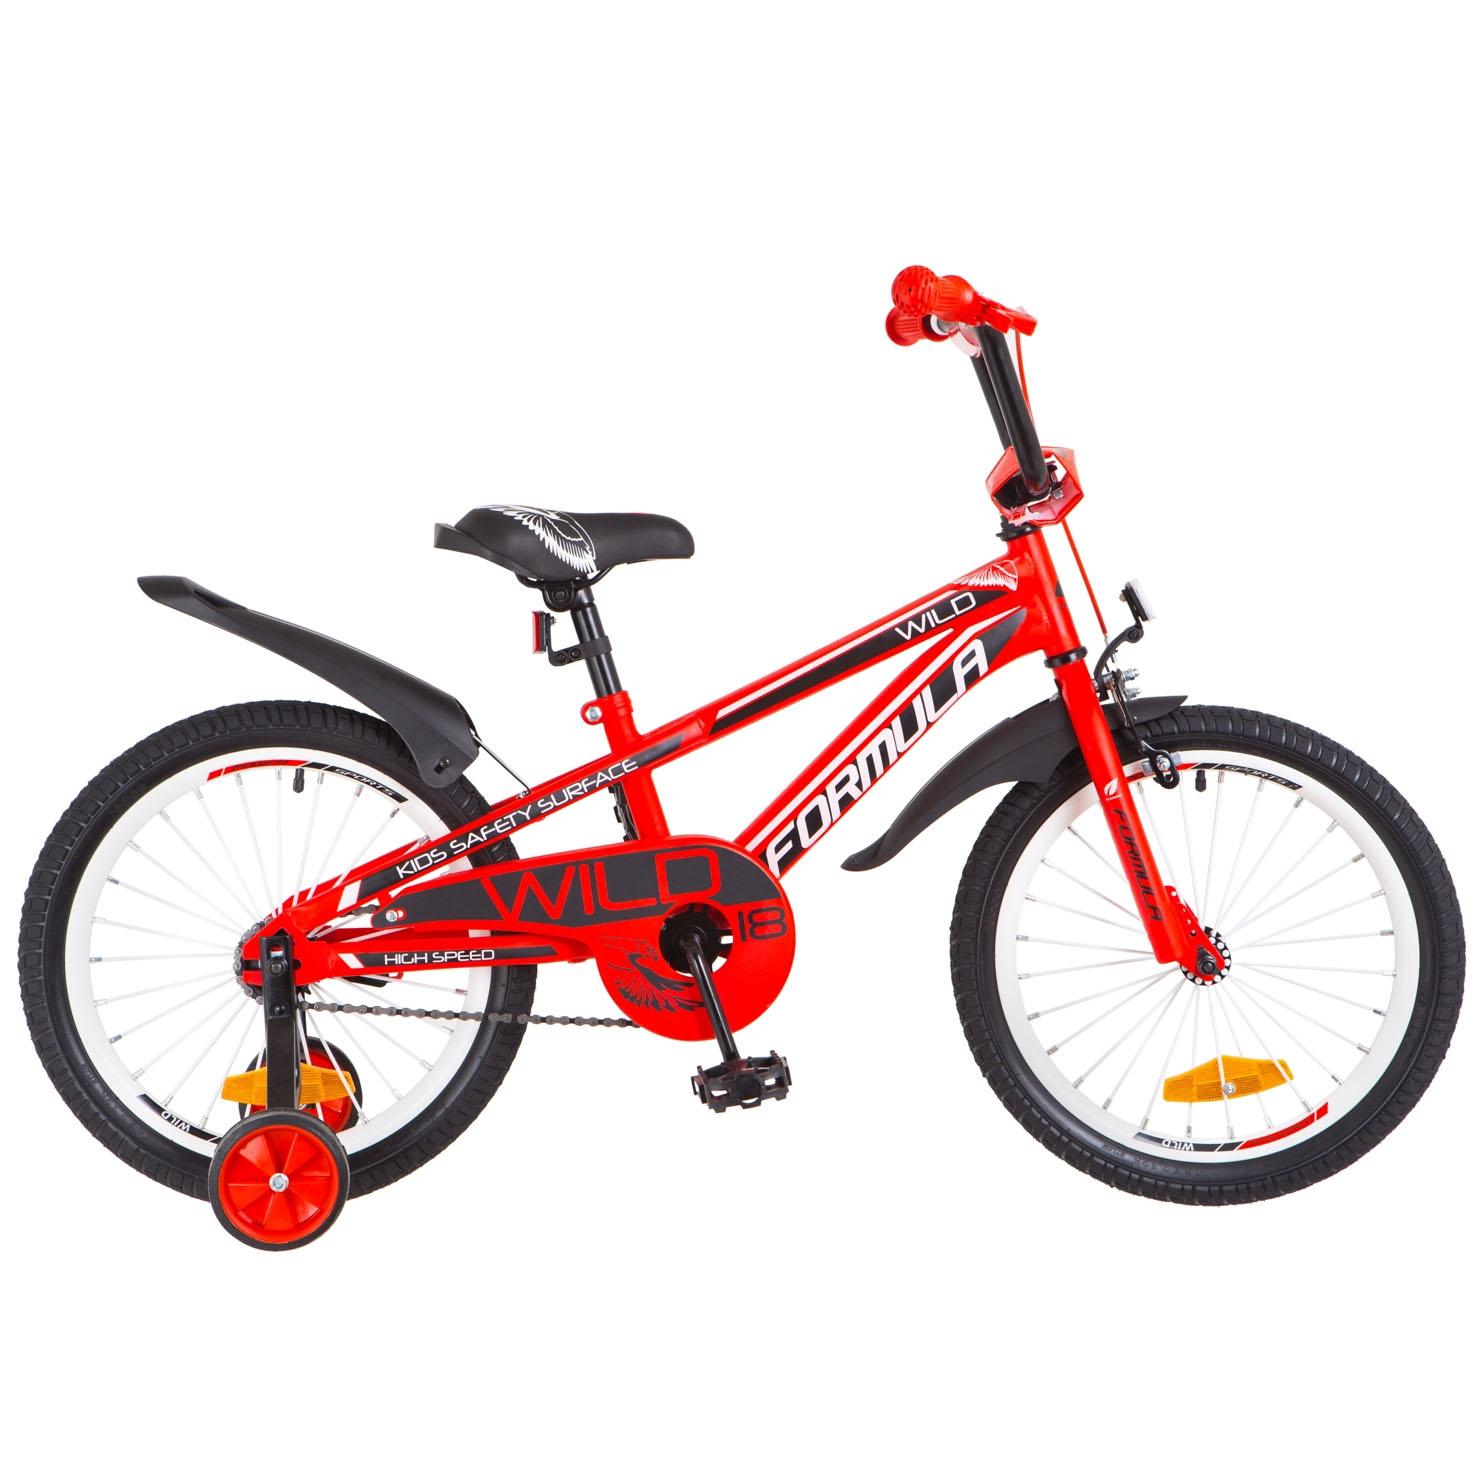 Фото Детский Велосипед 18 FORMULA WILD красный 2018